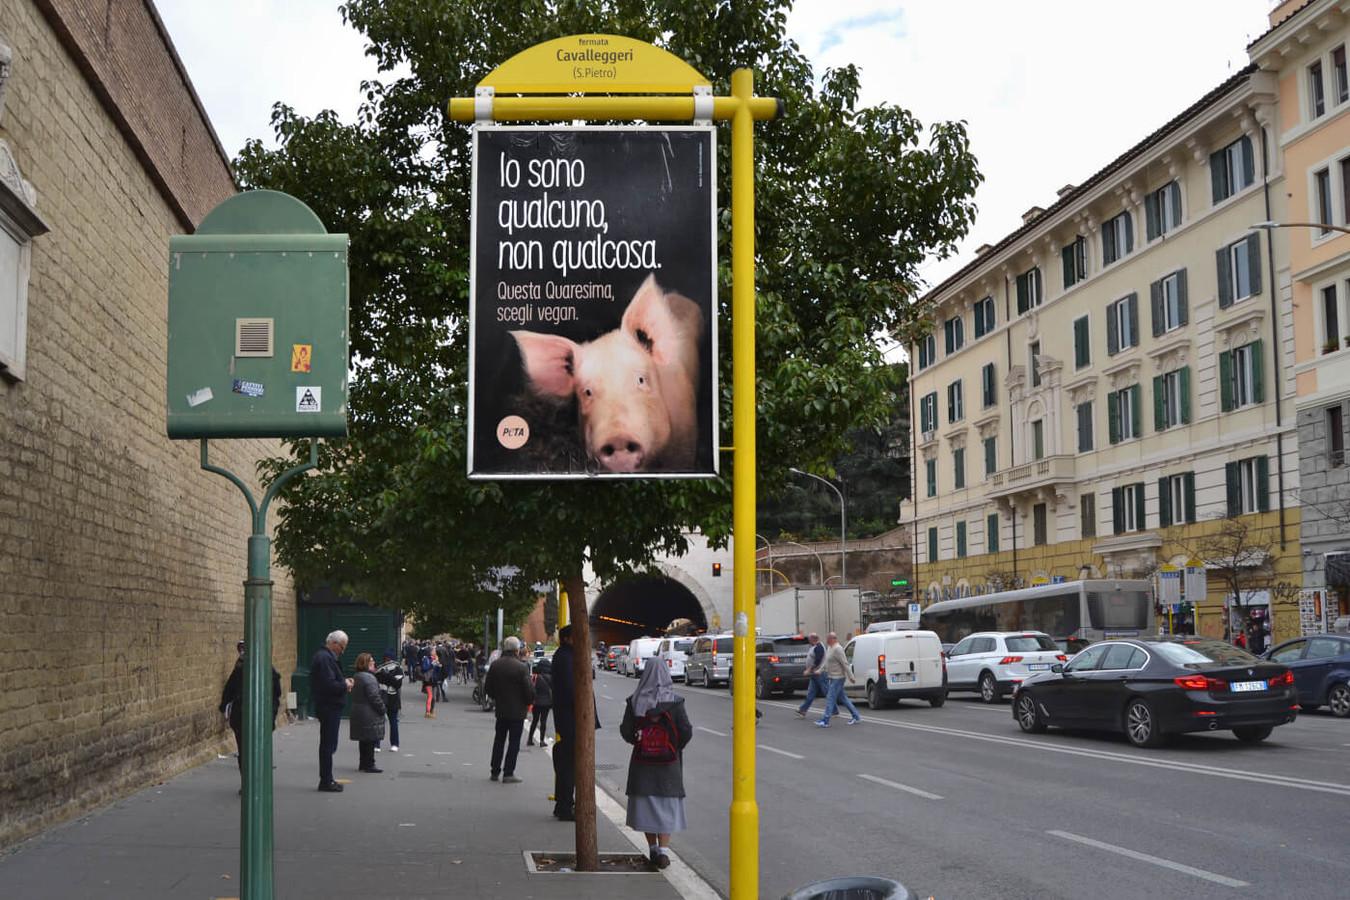 Er is vandaag een reclamebord verschenen in Rome, vlakbij het Sint-Pietersplein in Vaticaanstad, met daarop een varkensgezicht en de tekst 'Ik ben iemand, niet iets. Kies deze vastentijd voor vegan'. De campagne is door PETA gelanceerd om iedereen ertoe aan te zetten vegan te worden gedurende de vastentijd en zo dieren te helpen, het milieu te beschermen en gezond te worden.